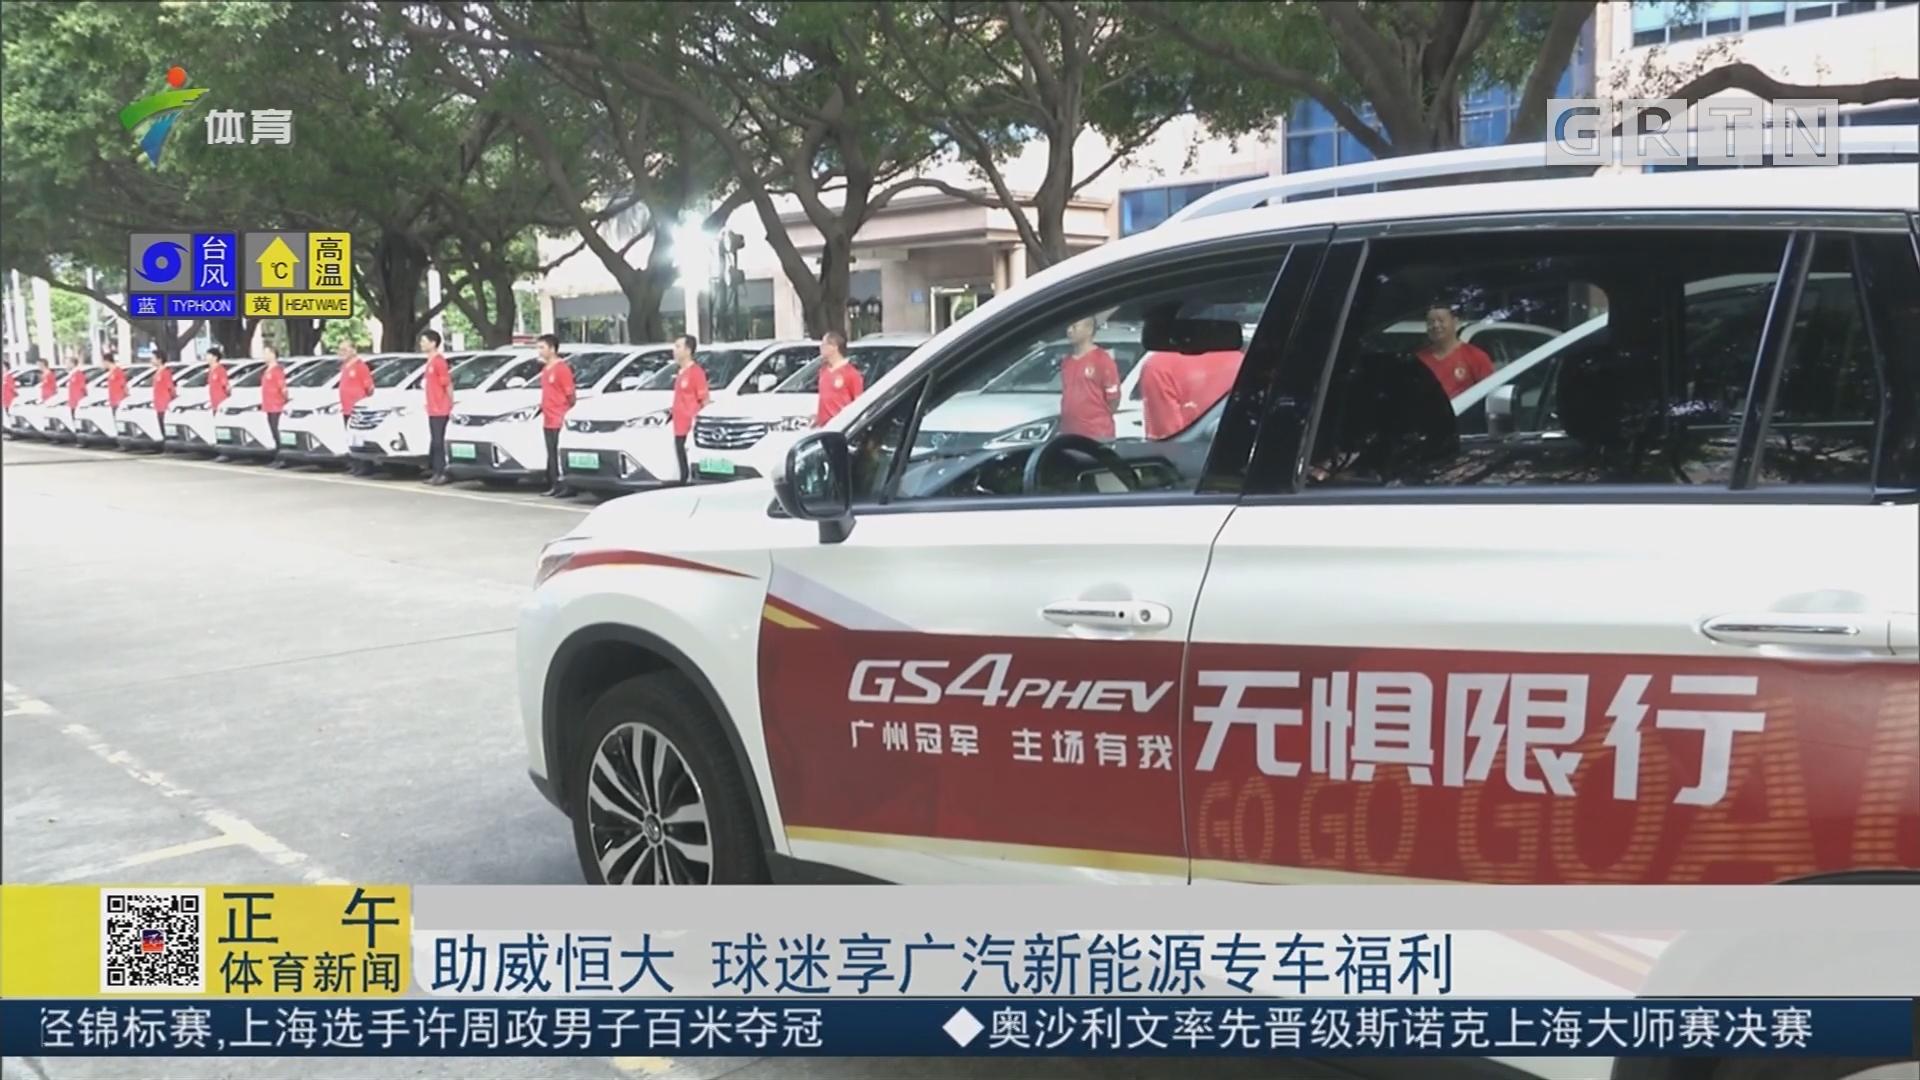 助威恒大 球迷享广汽新能源专车福利